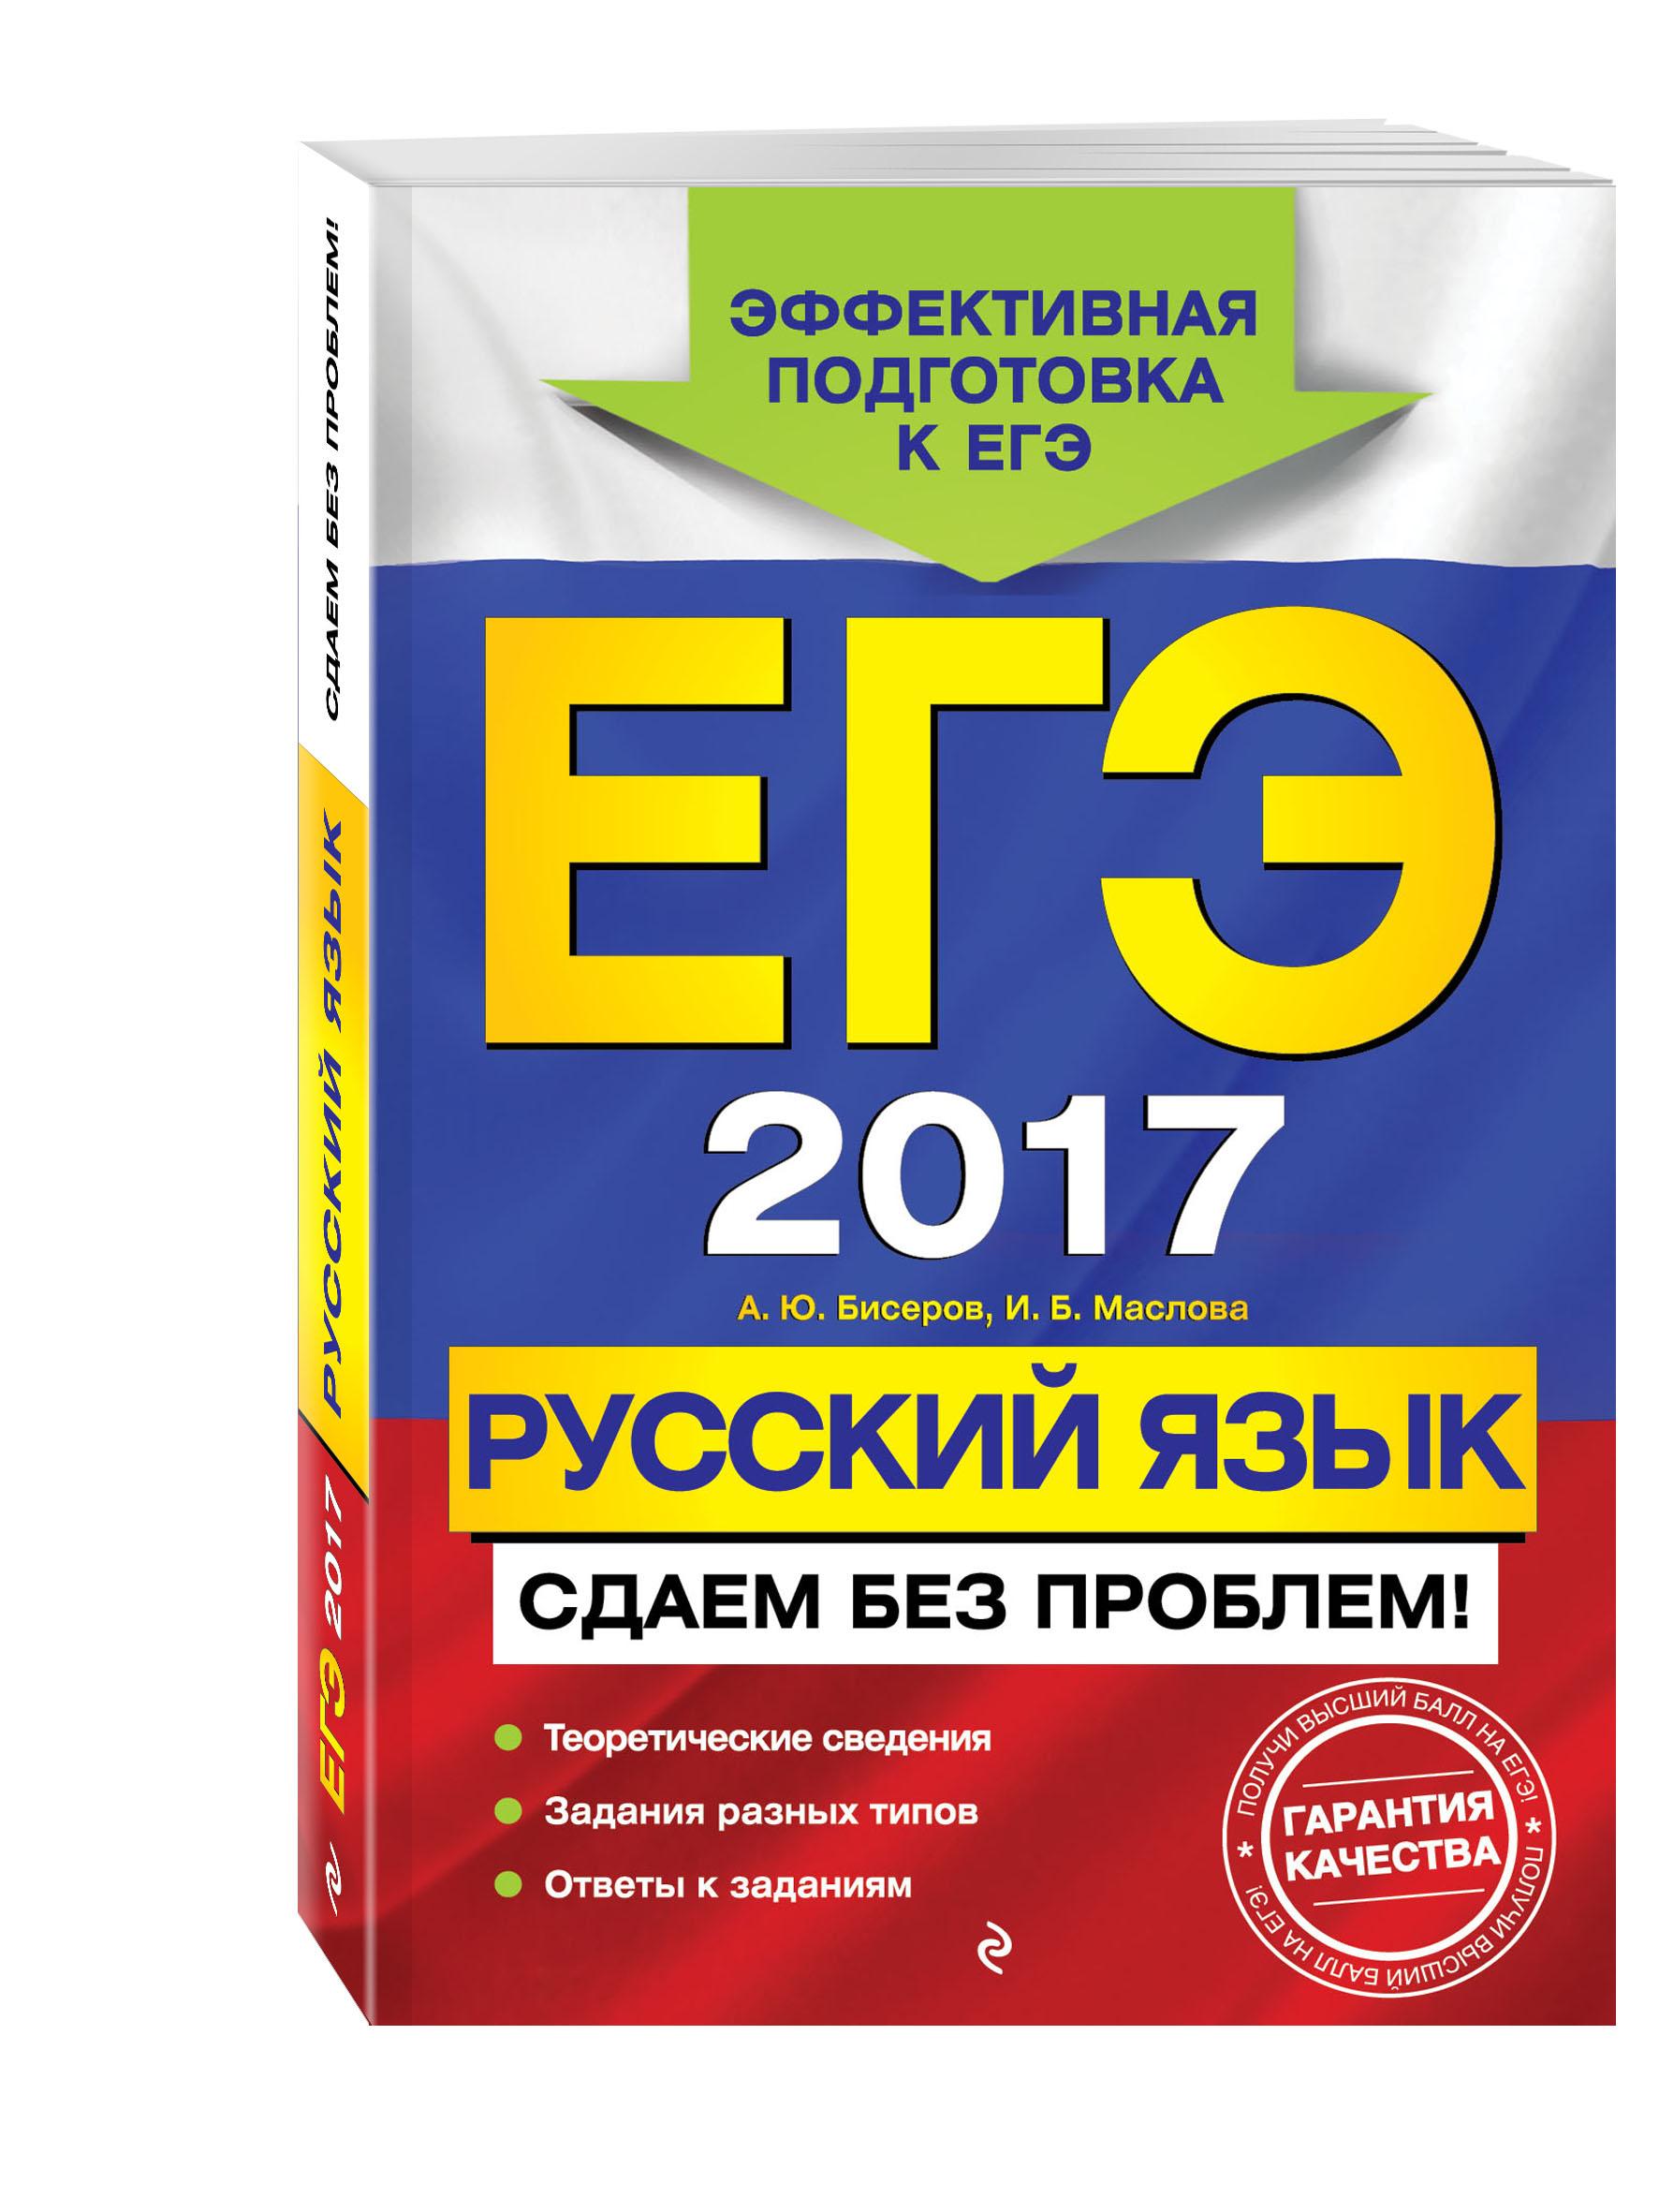 Бисеров А.Ю., Маслова И.Б. ЕГЭ-2017. Русский язык. Сдаем без проблем!